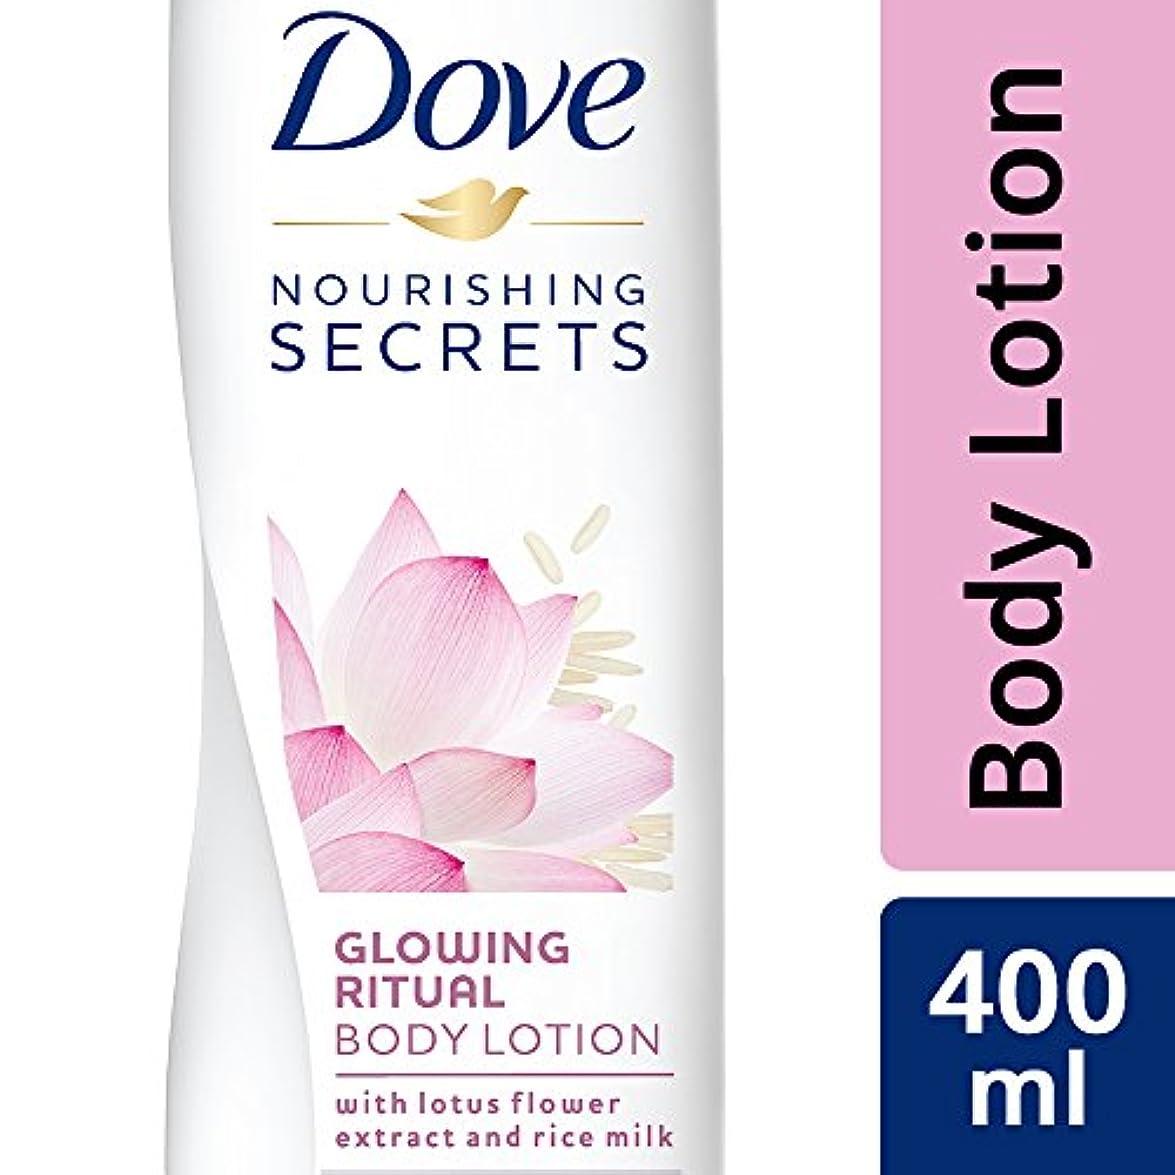 愛人応援する創造Dove Glowing Ritual Body Lotion, 400ml (Lotus flower and rice milk)